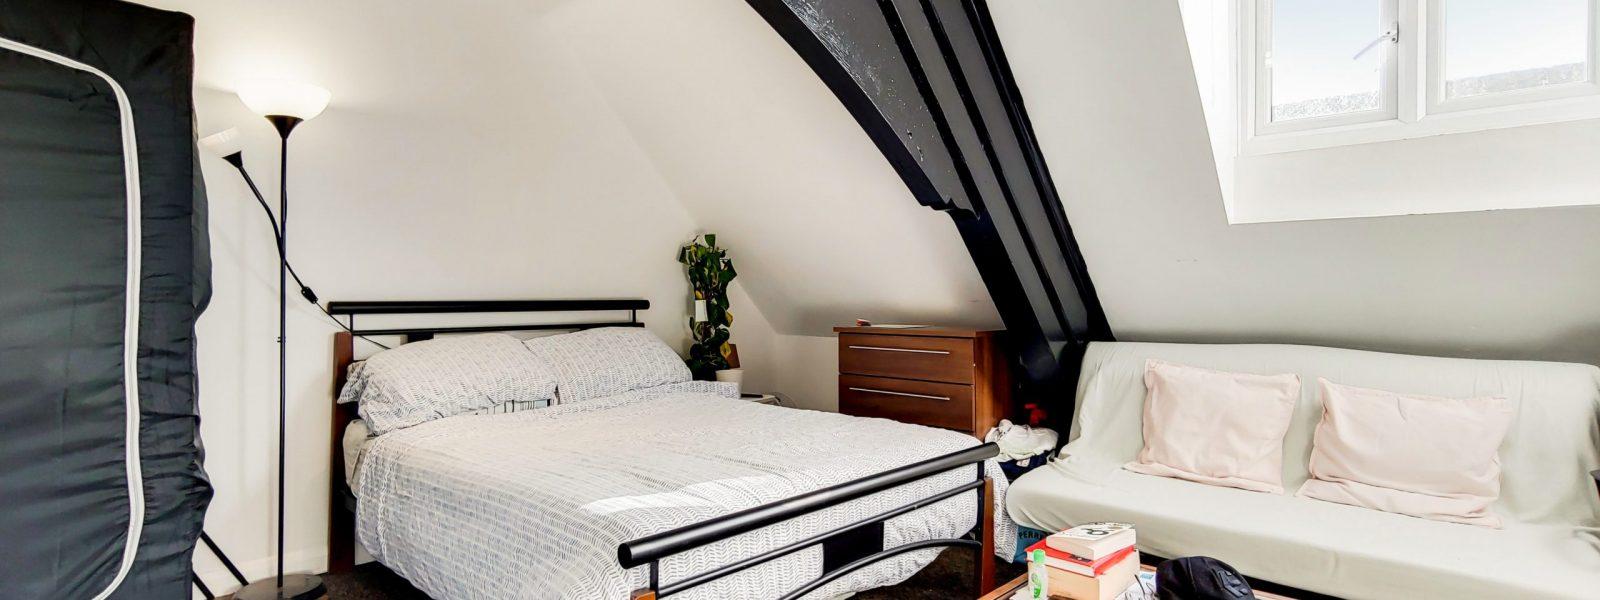 7_Main Bedroom-3